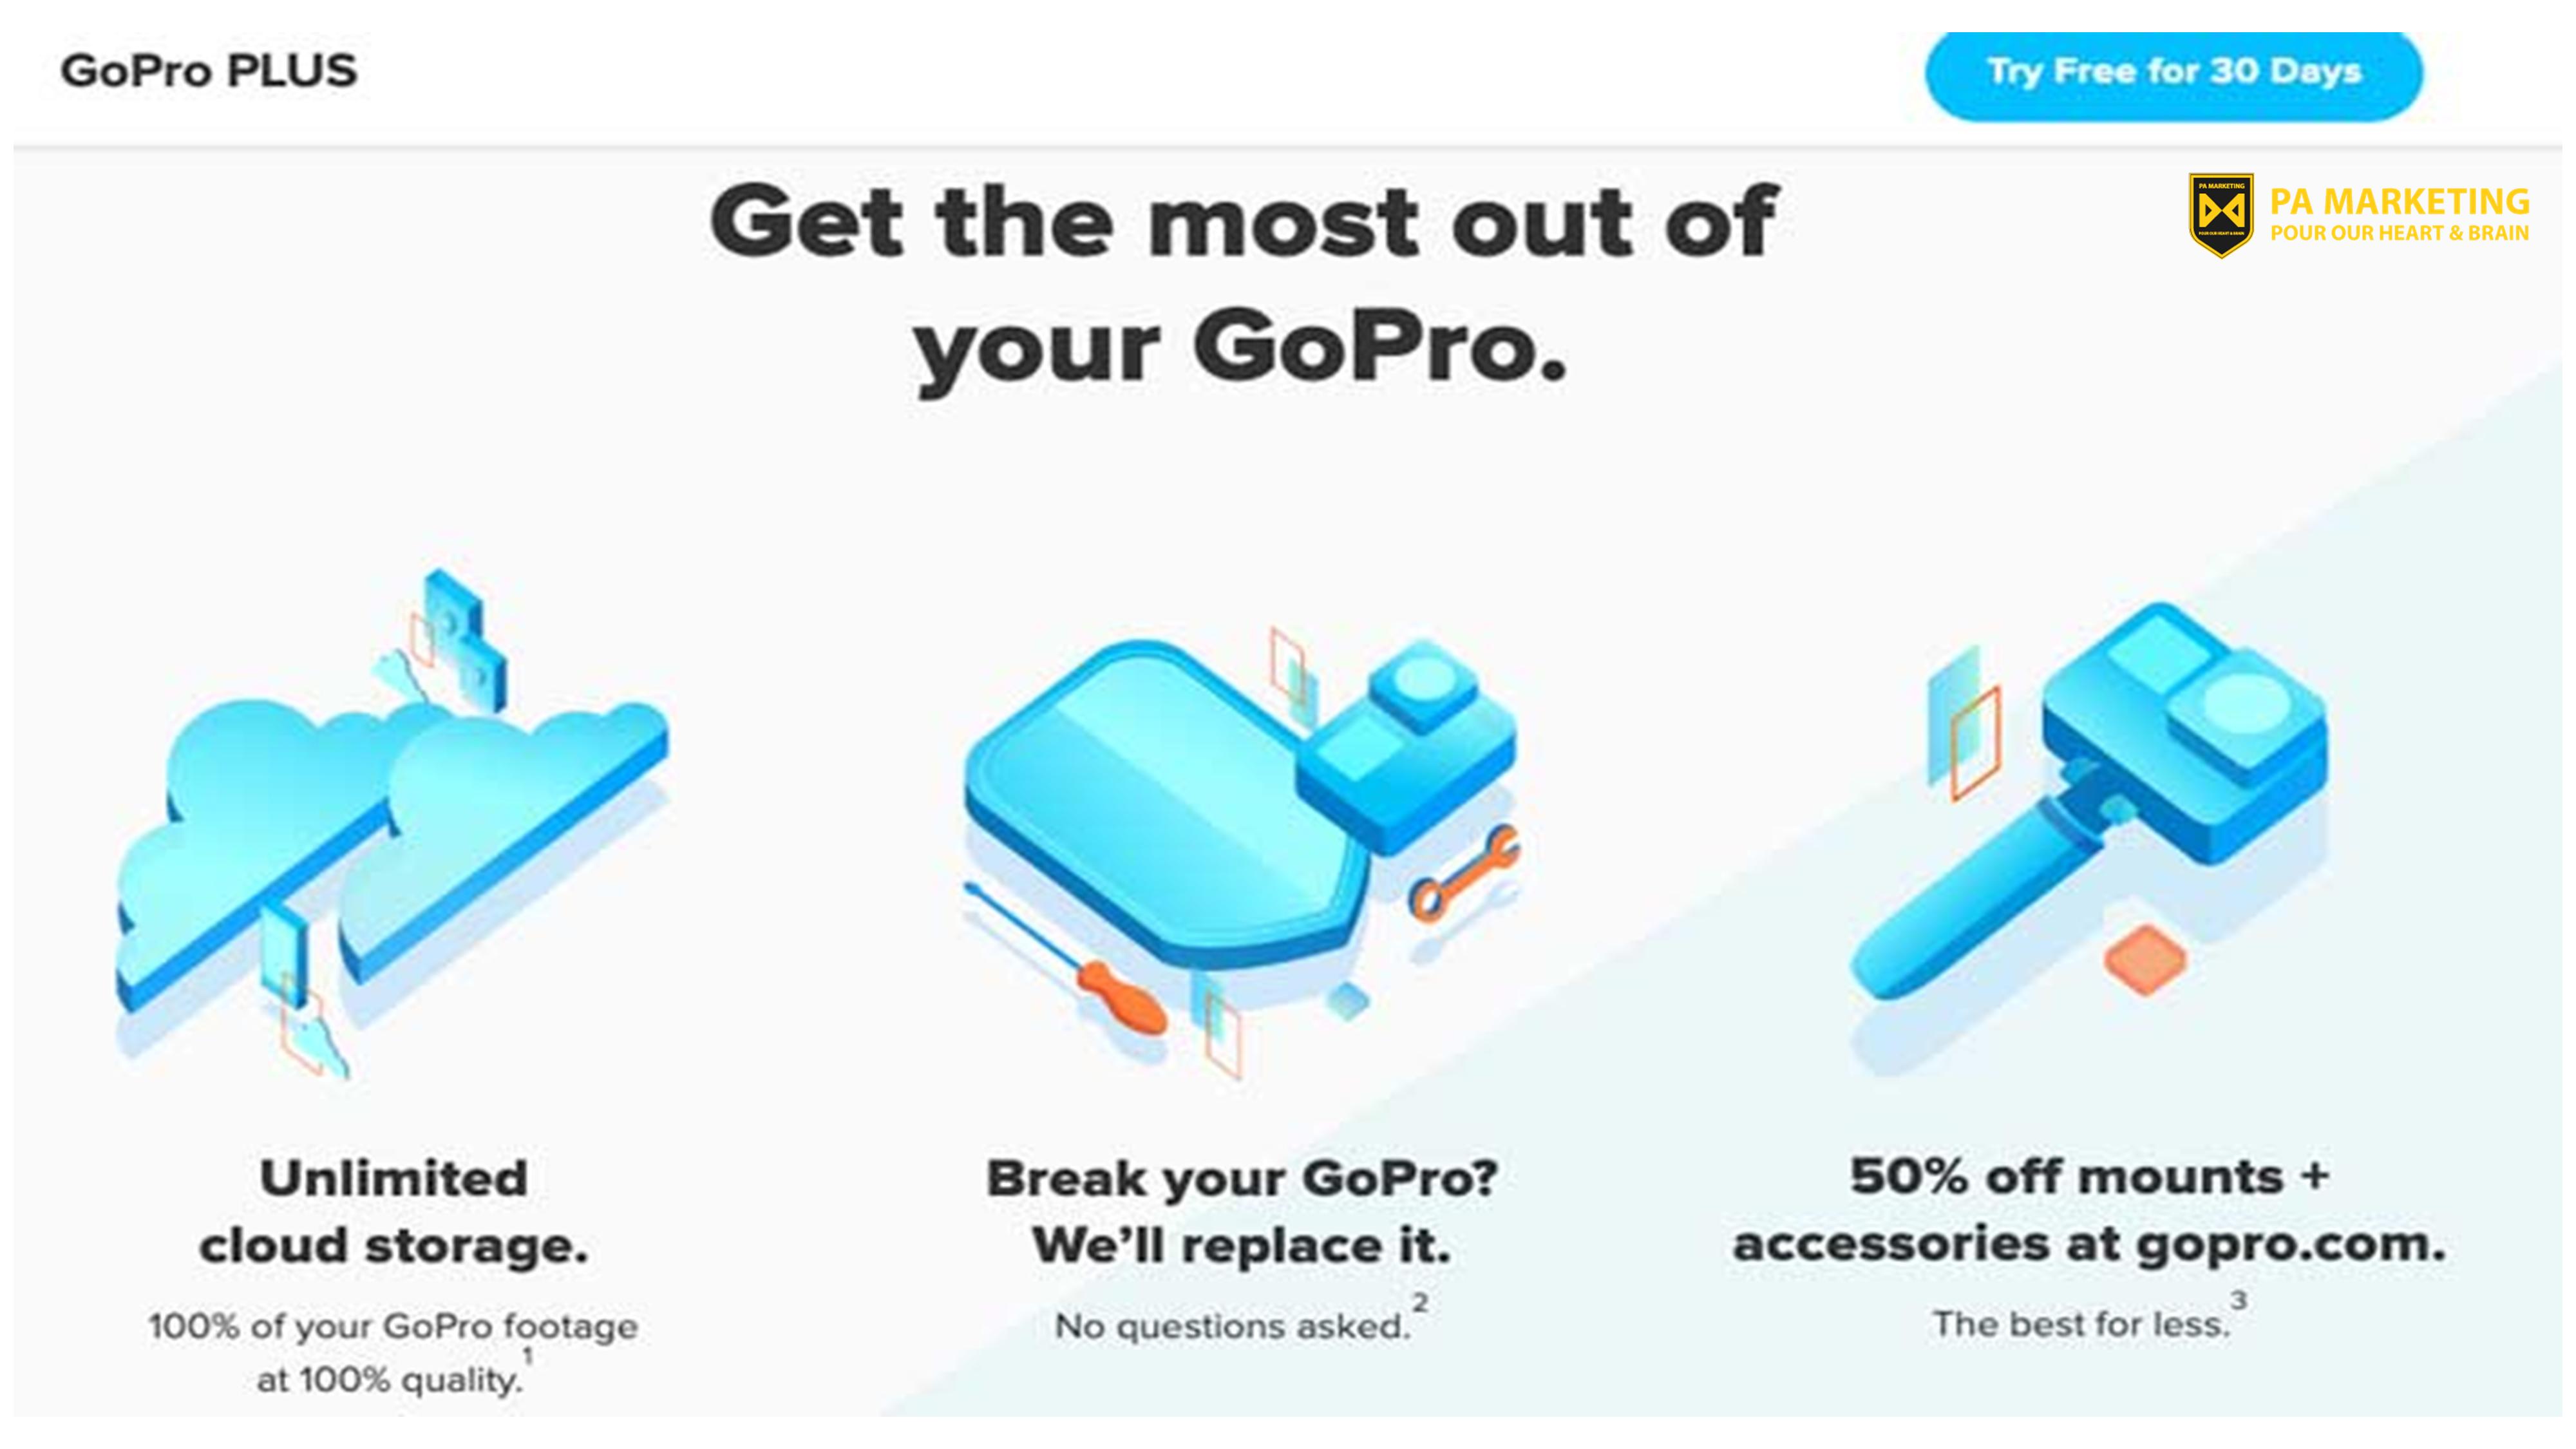 gopro hiện cung cấp mô hình kinh doanh đăng ký